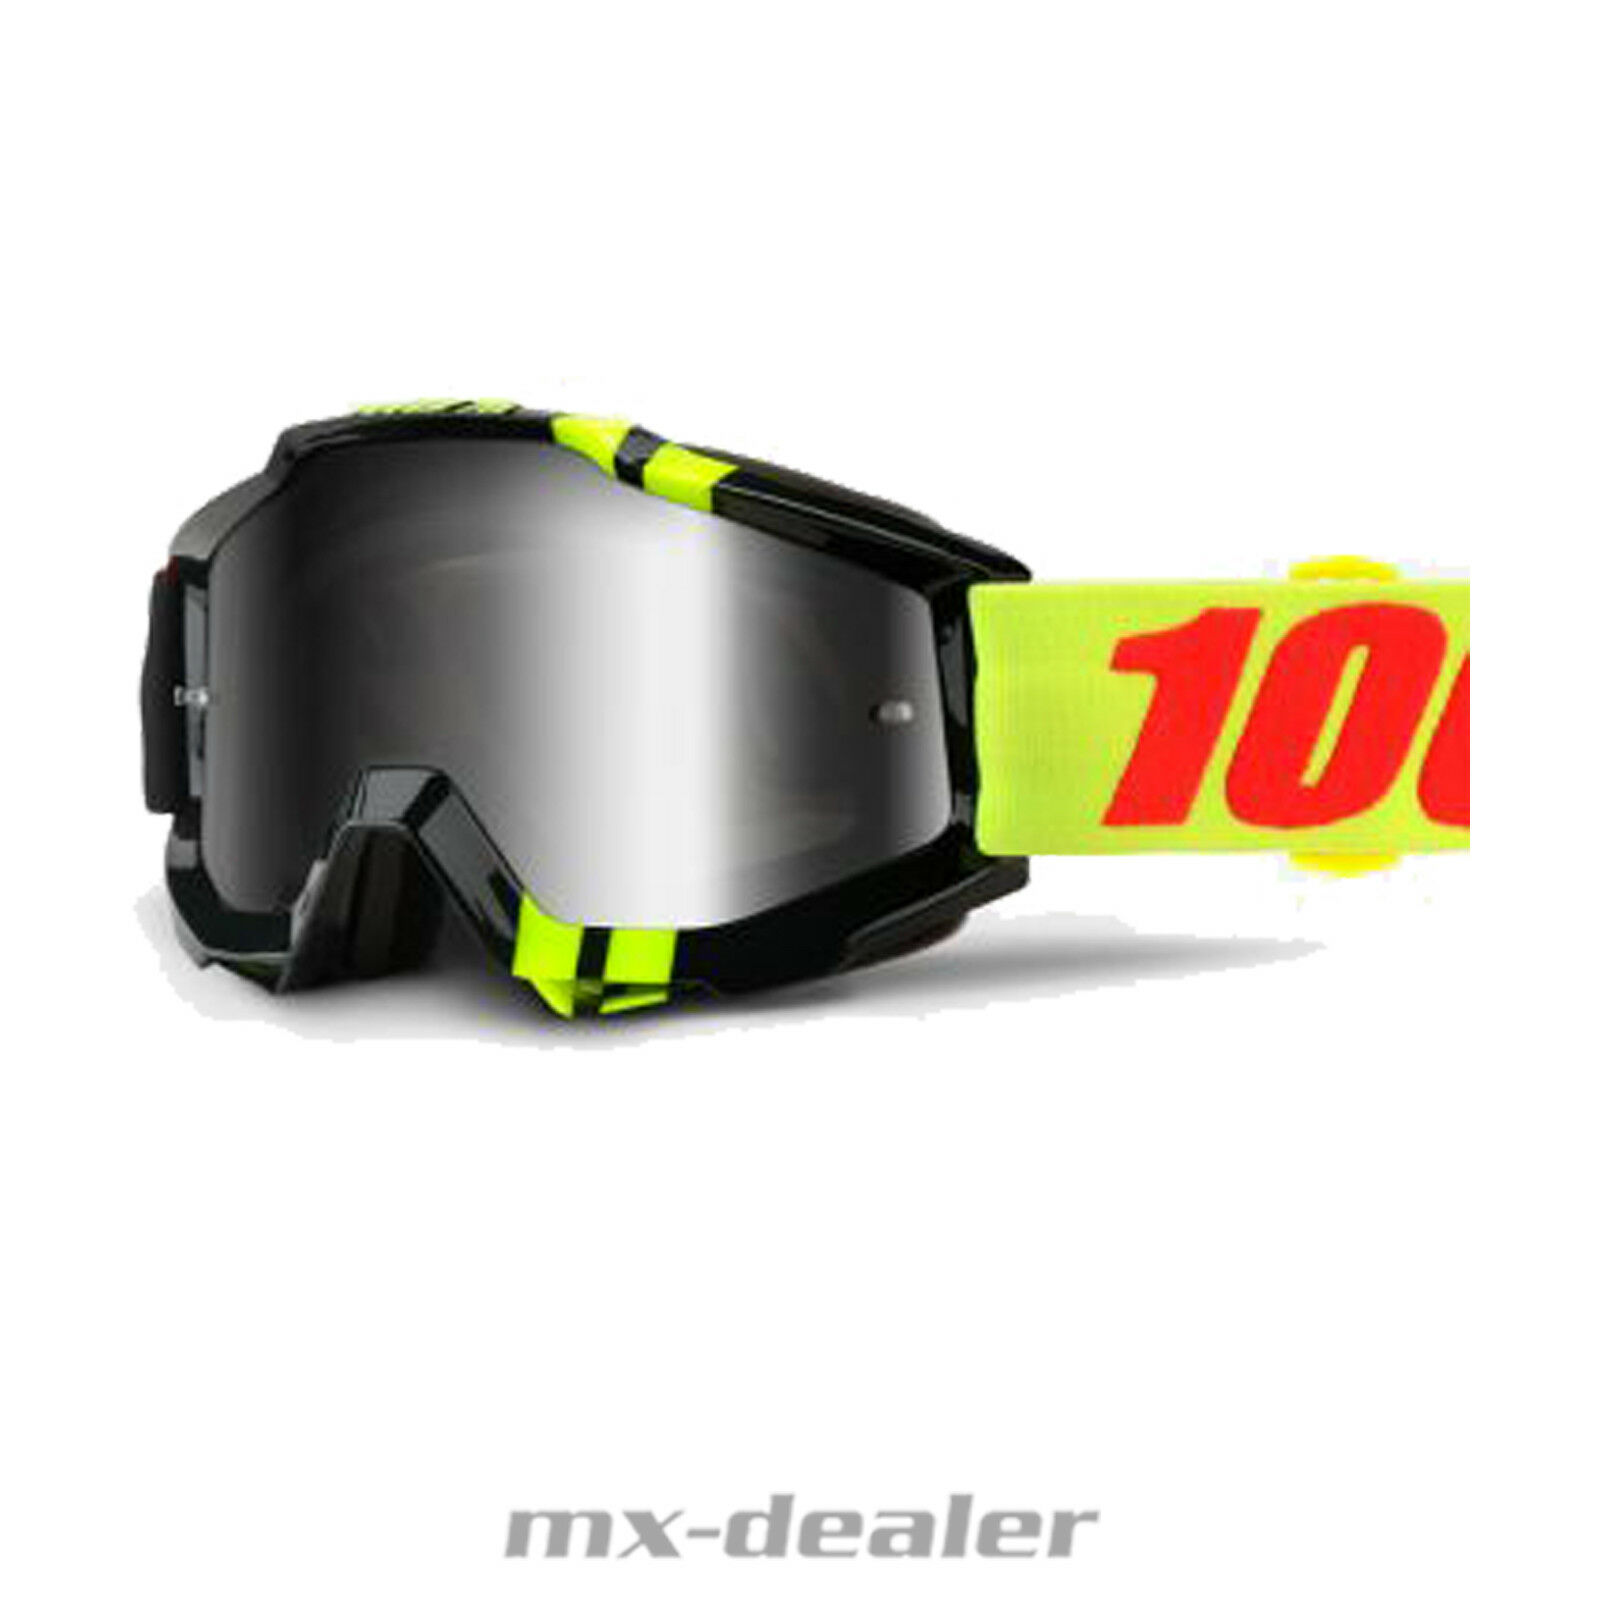 100 % Prozent Accuri ZERBO verspiegelt MX Motocross Cross Brille BMX MTB 2018    Vollständige Spezifikation